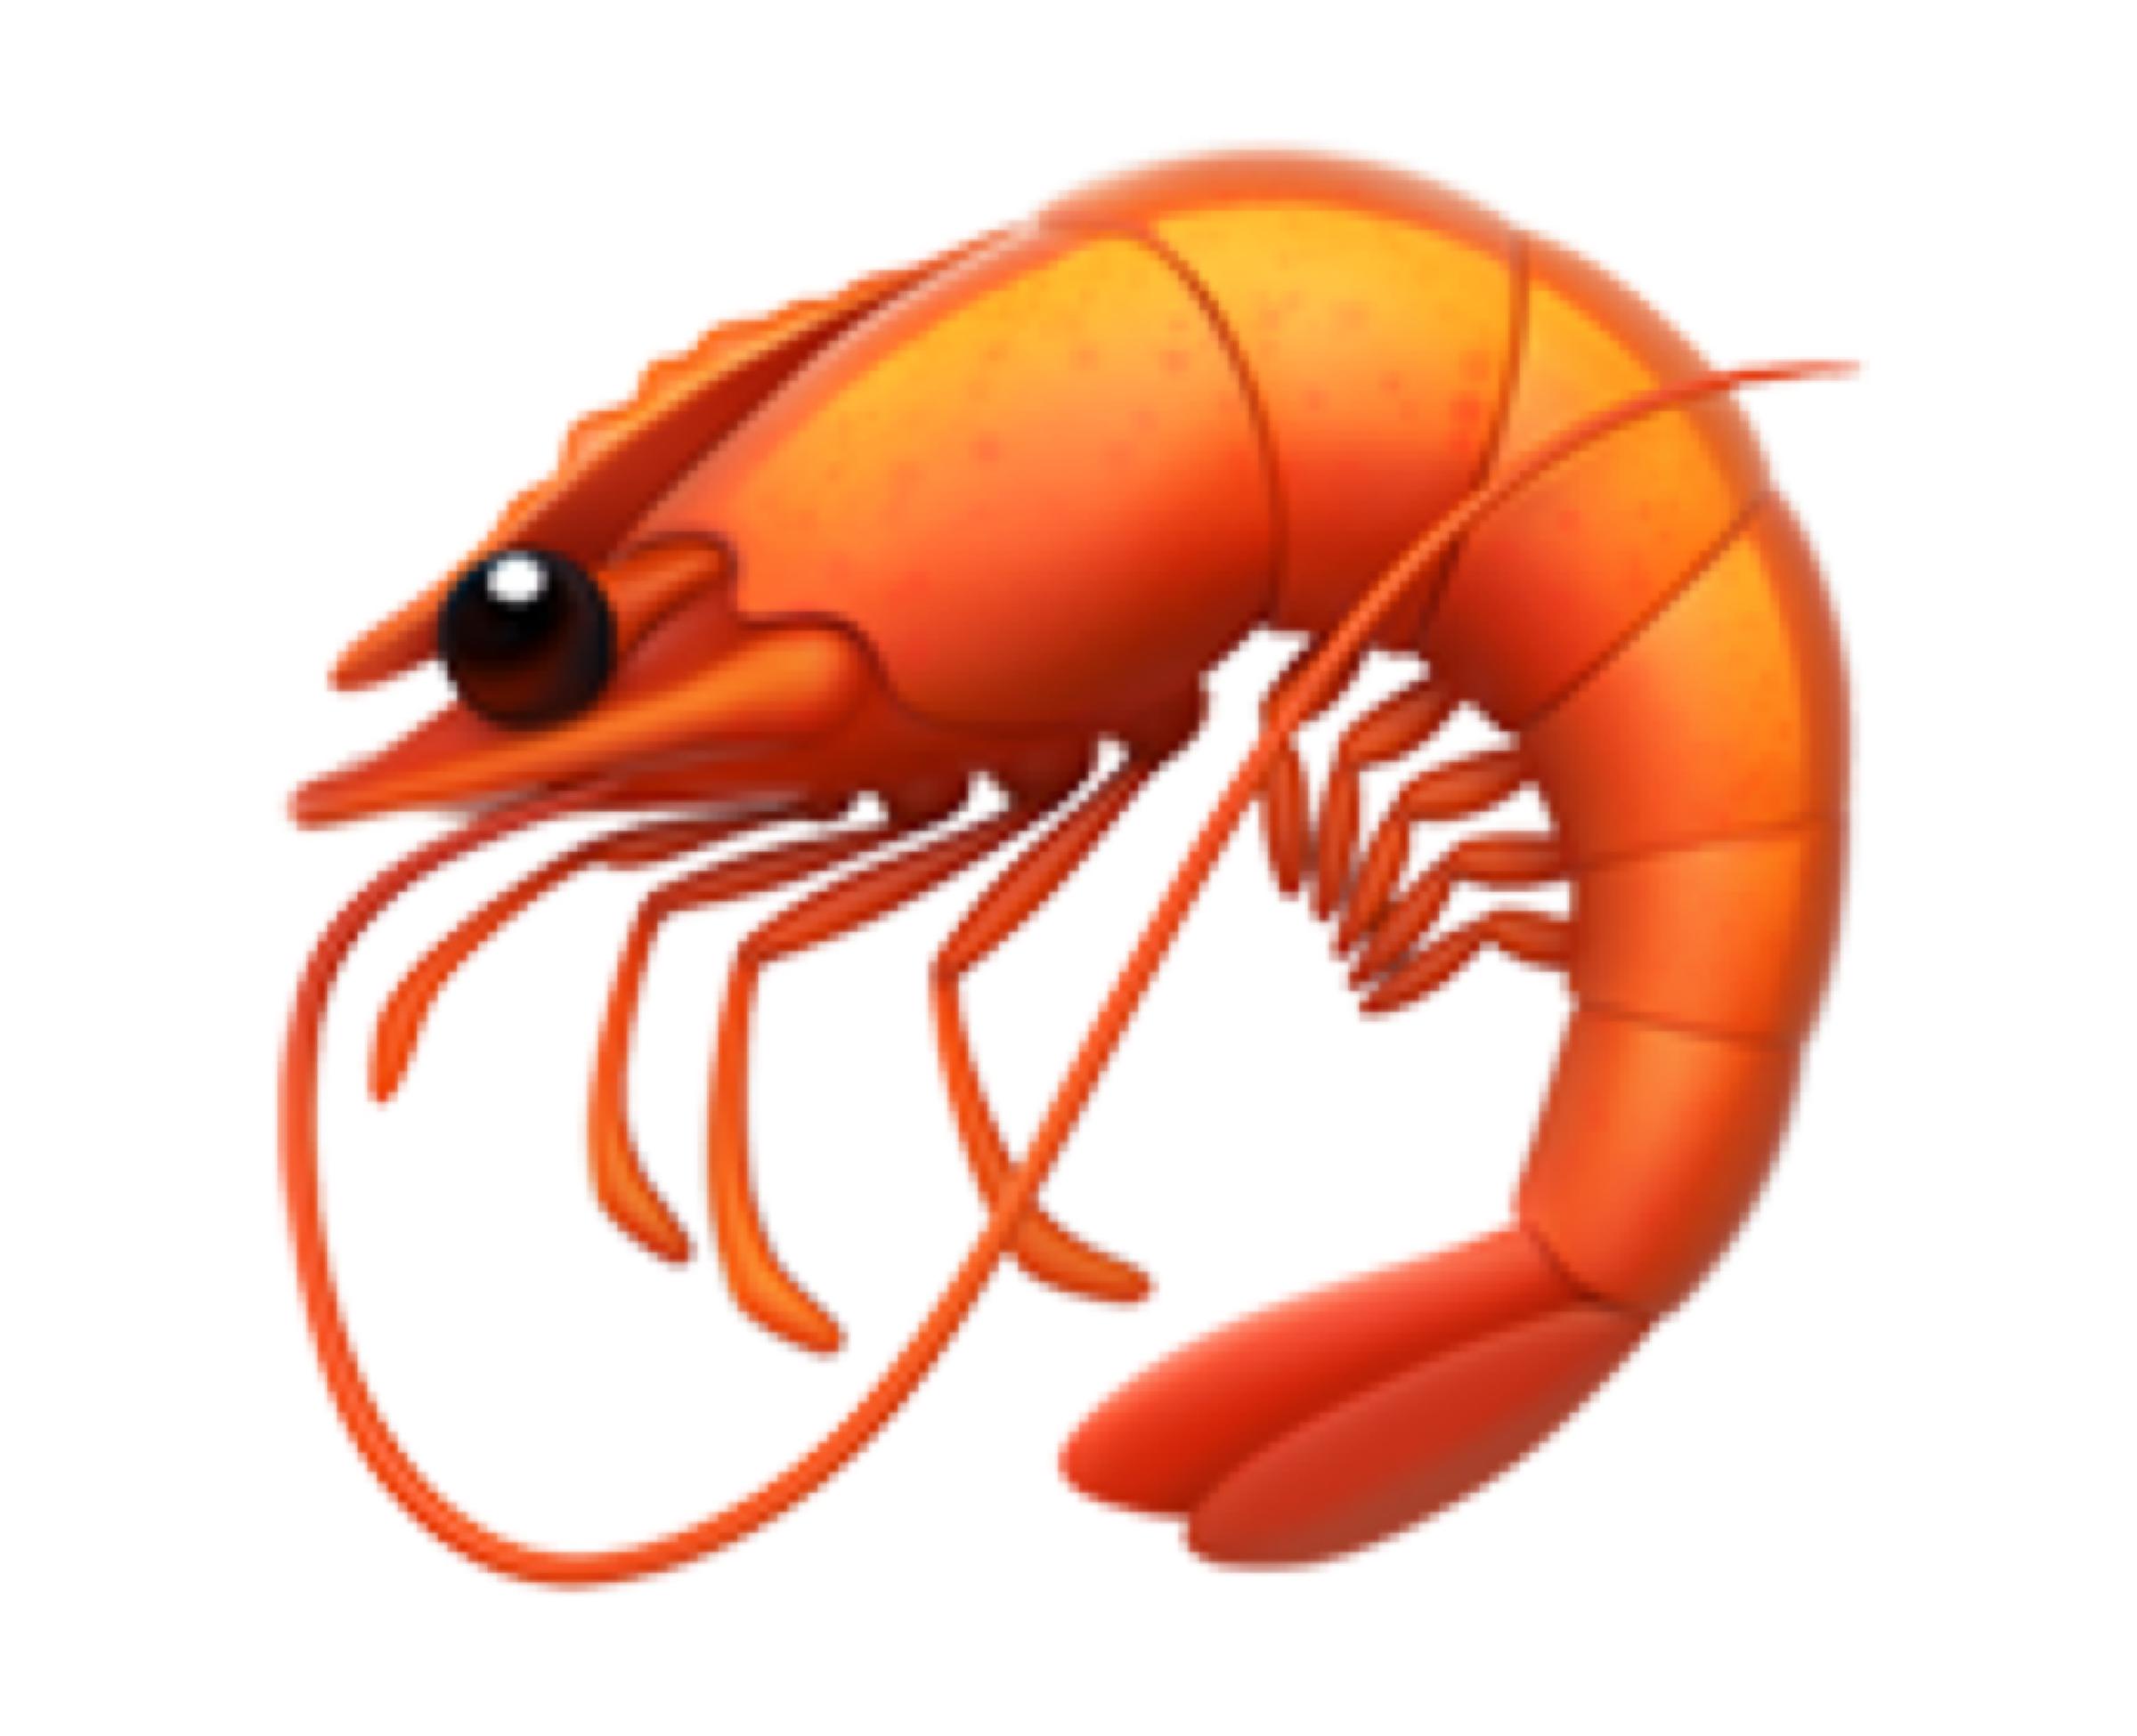 Shrimp (🦐)